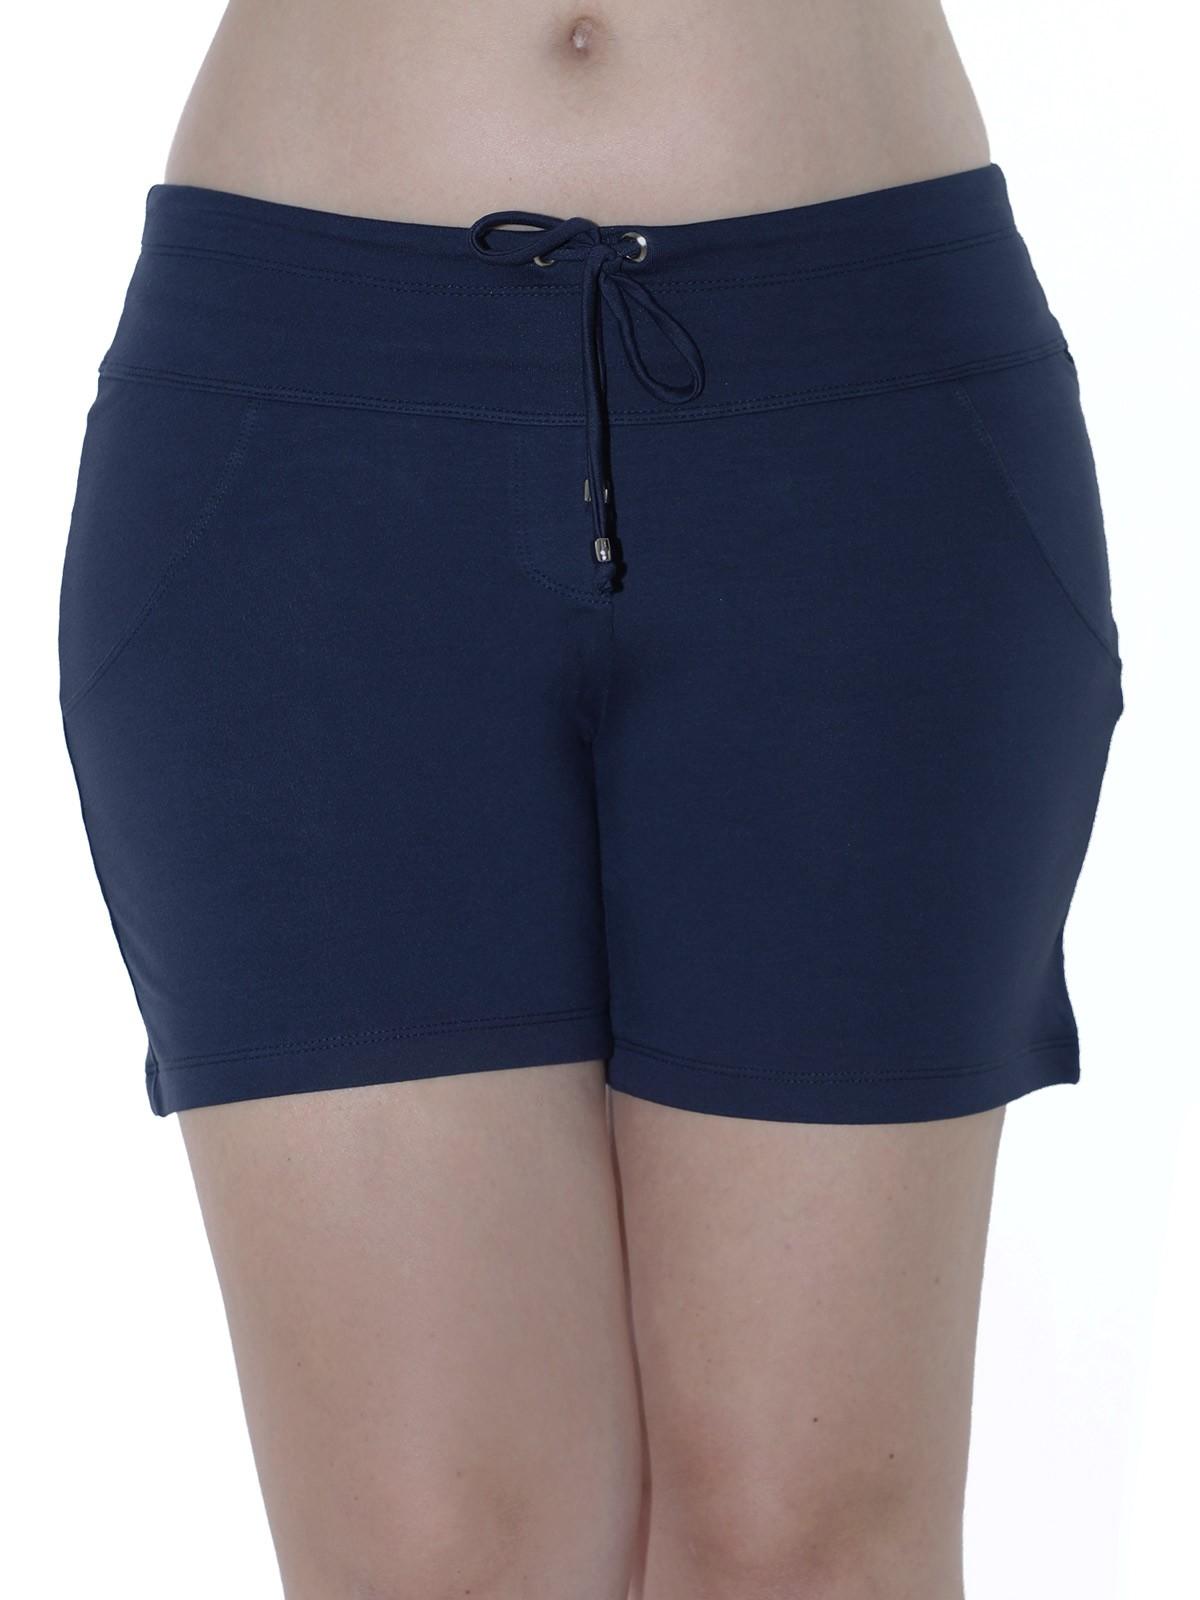 Shorts Feminino Moletinho Liso Com Lycra Confortável Azul Marinho